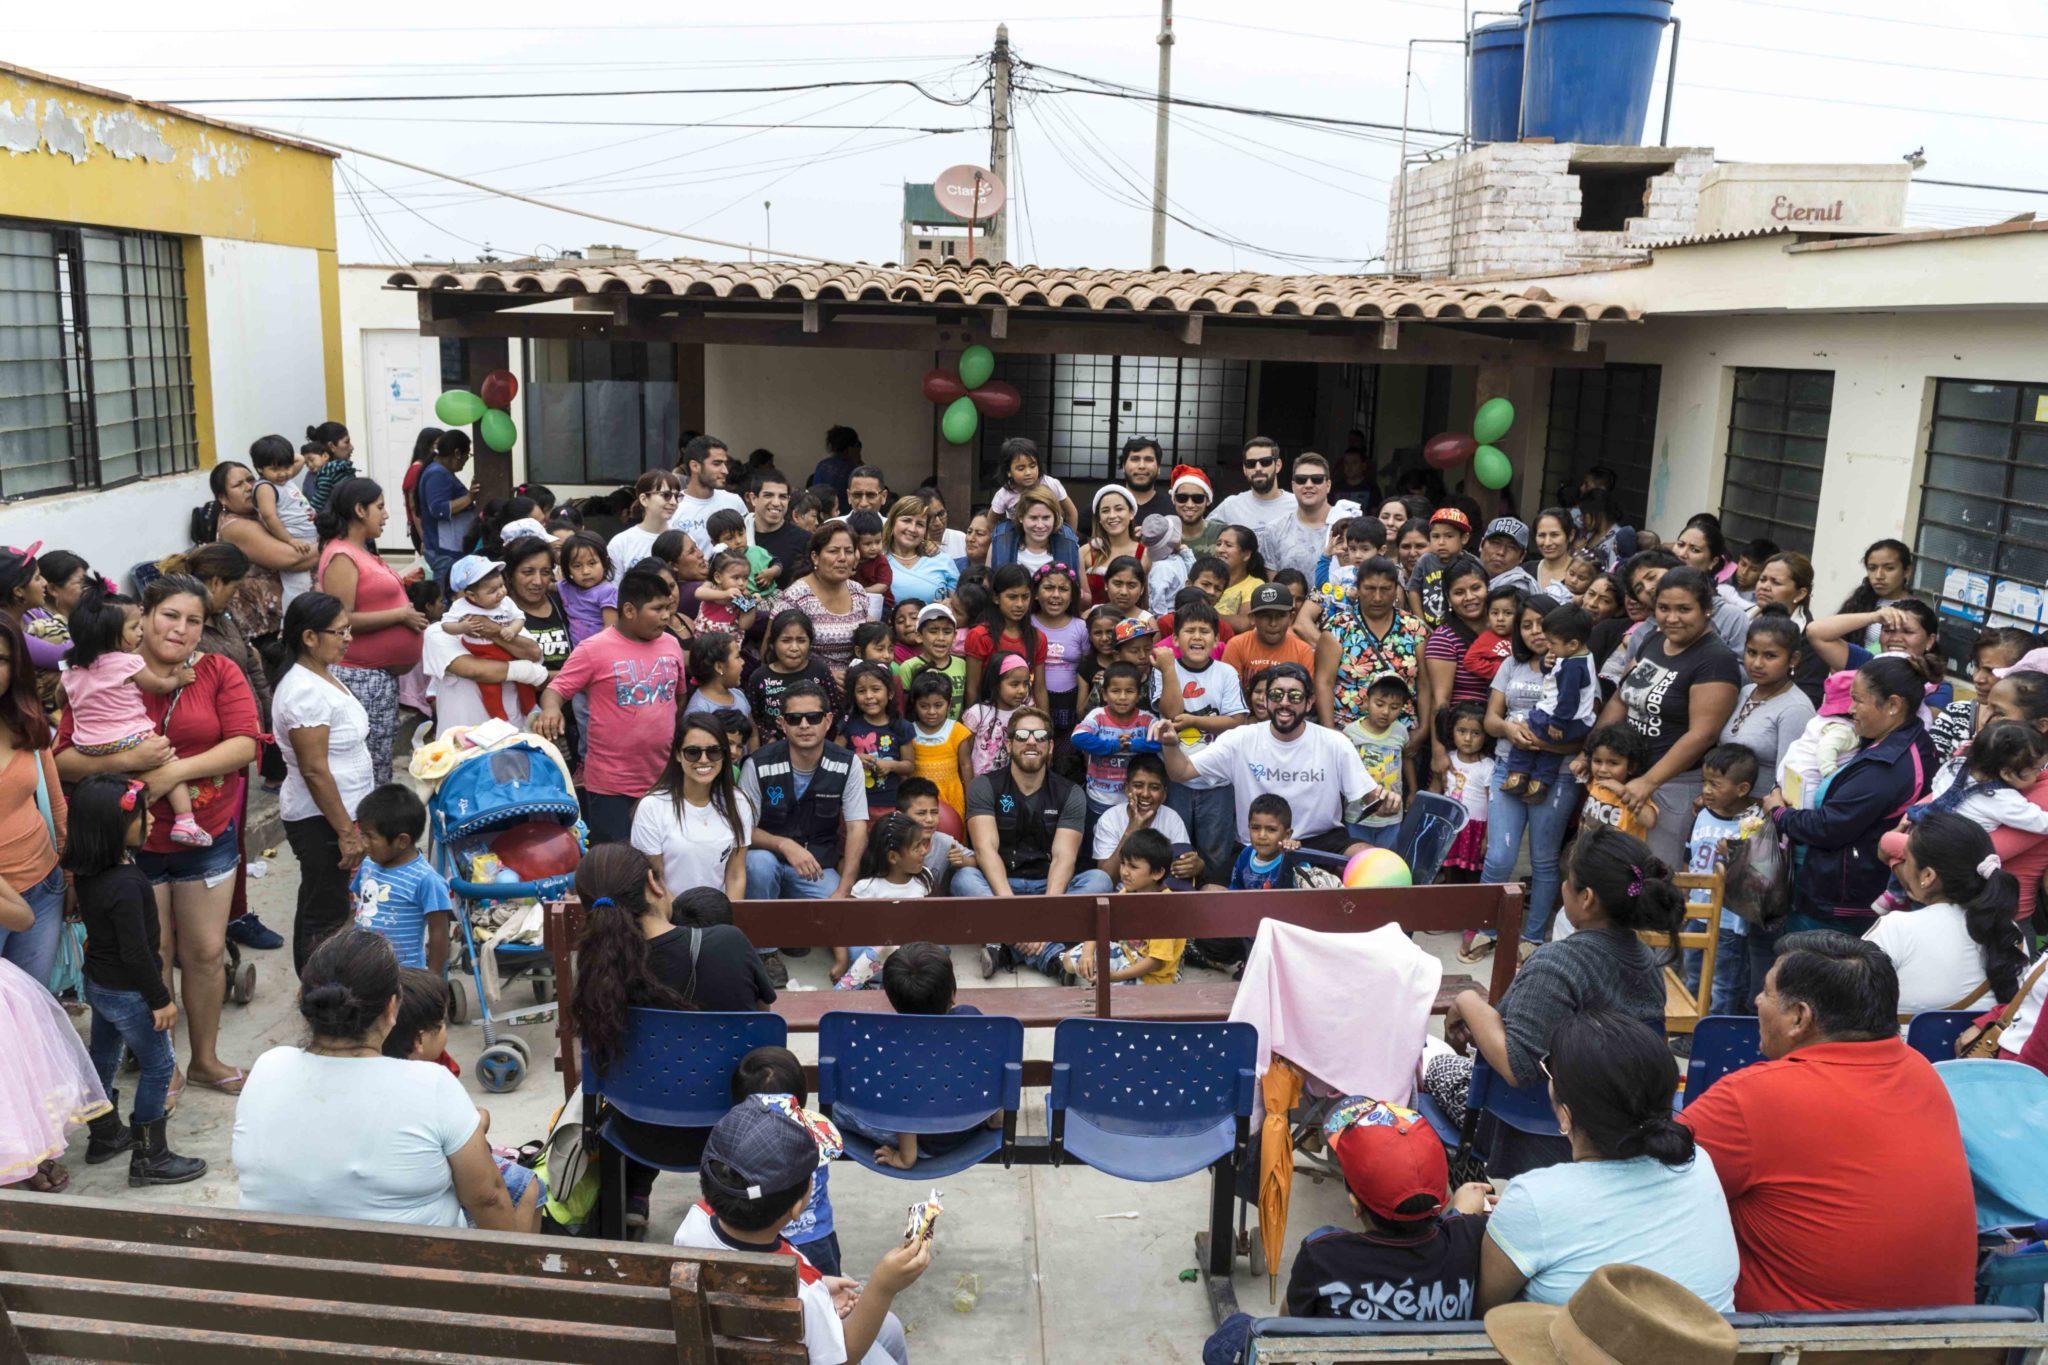 Campaña navideña 2017 - Posta Punta Negra